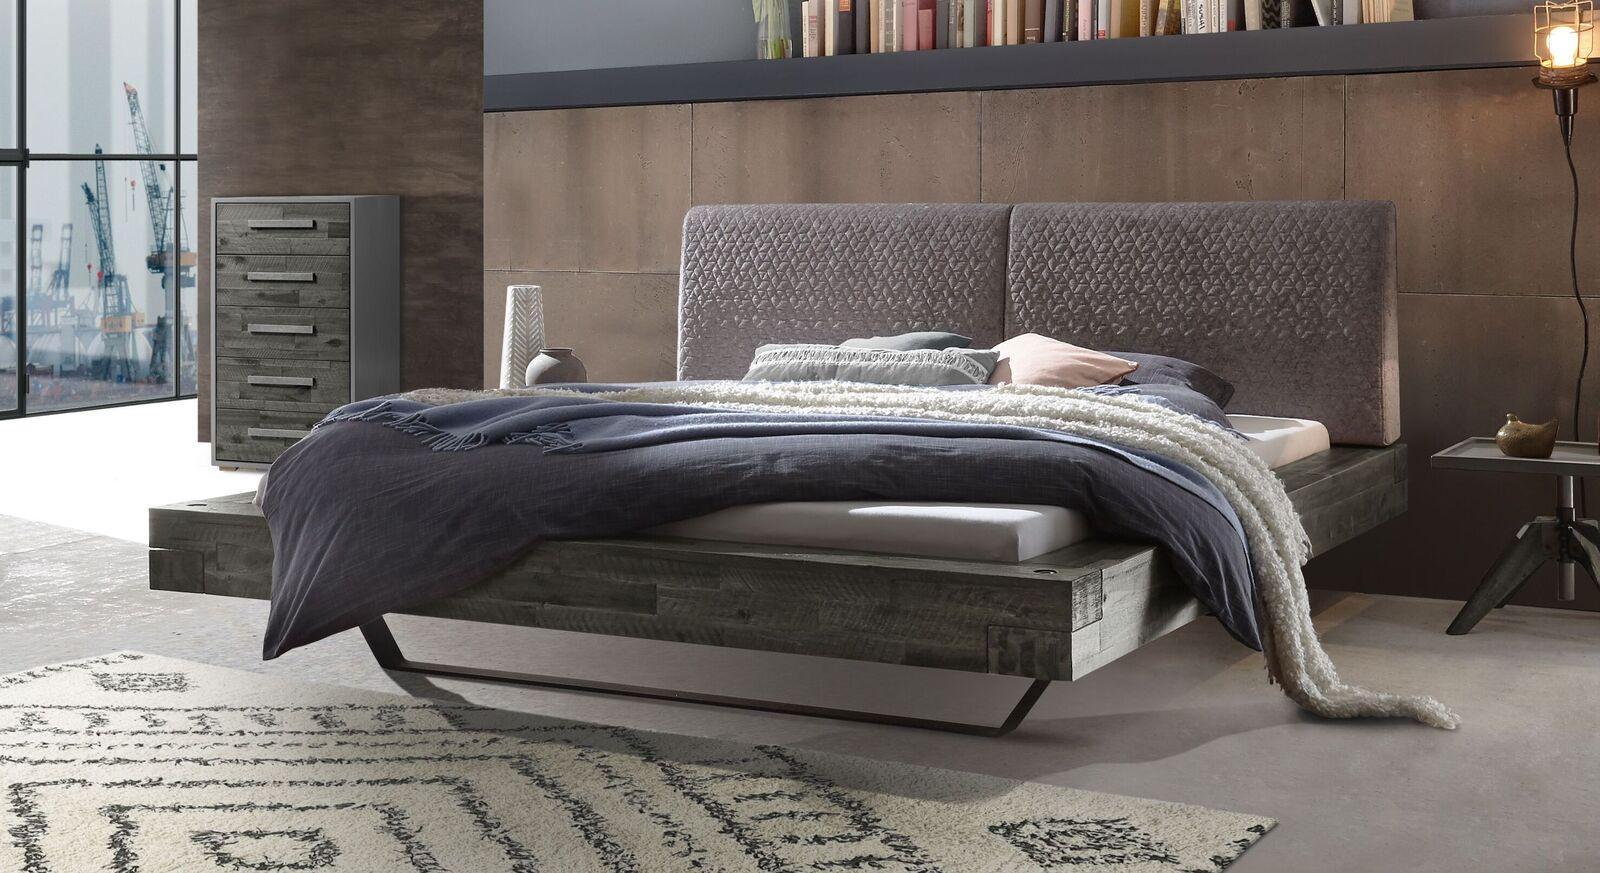 Bett Velario mit grauem Rahmen und silberfarbenem Kopfteil